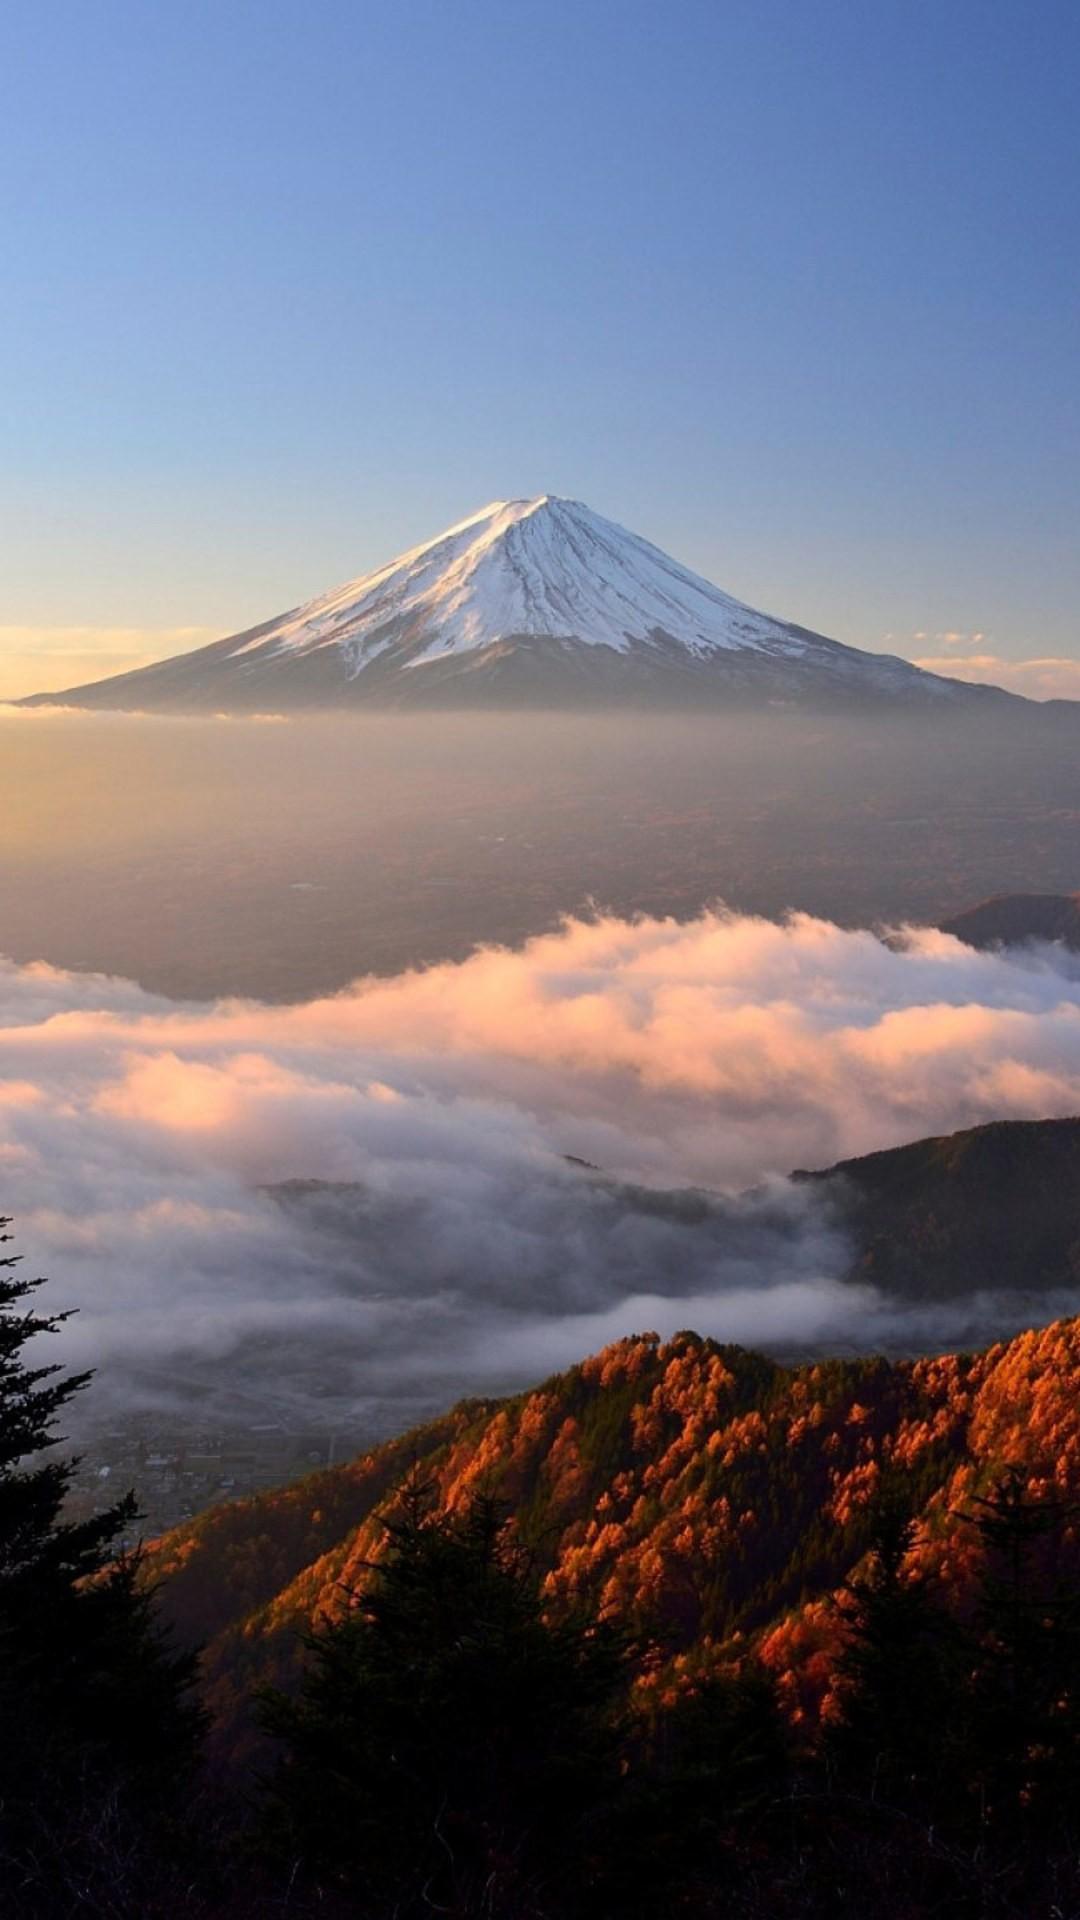 Mount Fuji Hd Qhd Wallpaper   [1080x1920] 1080x1920